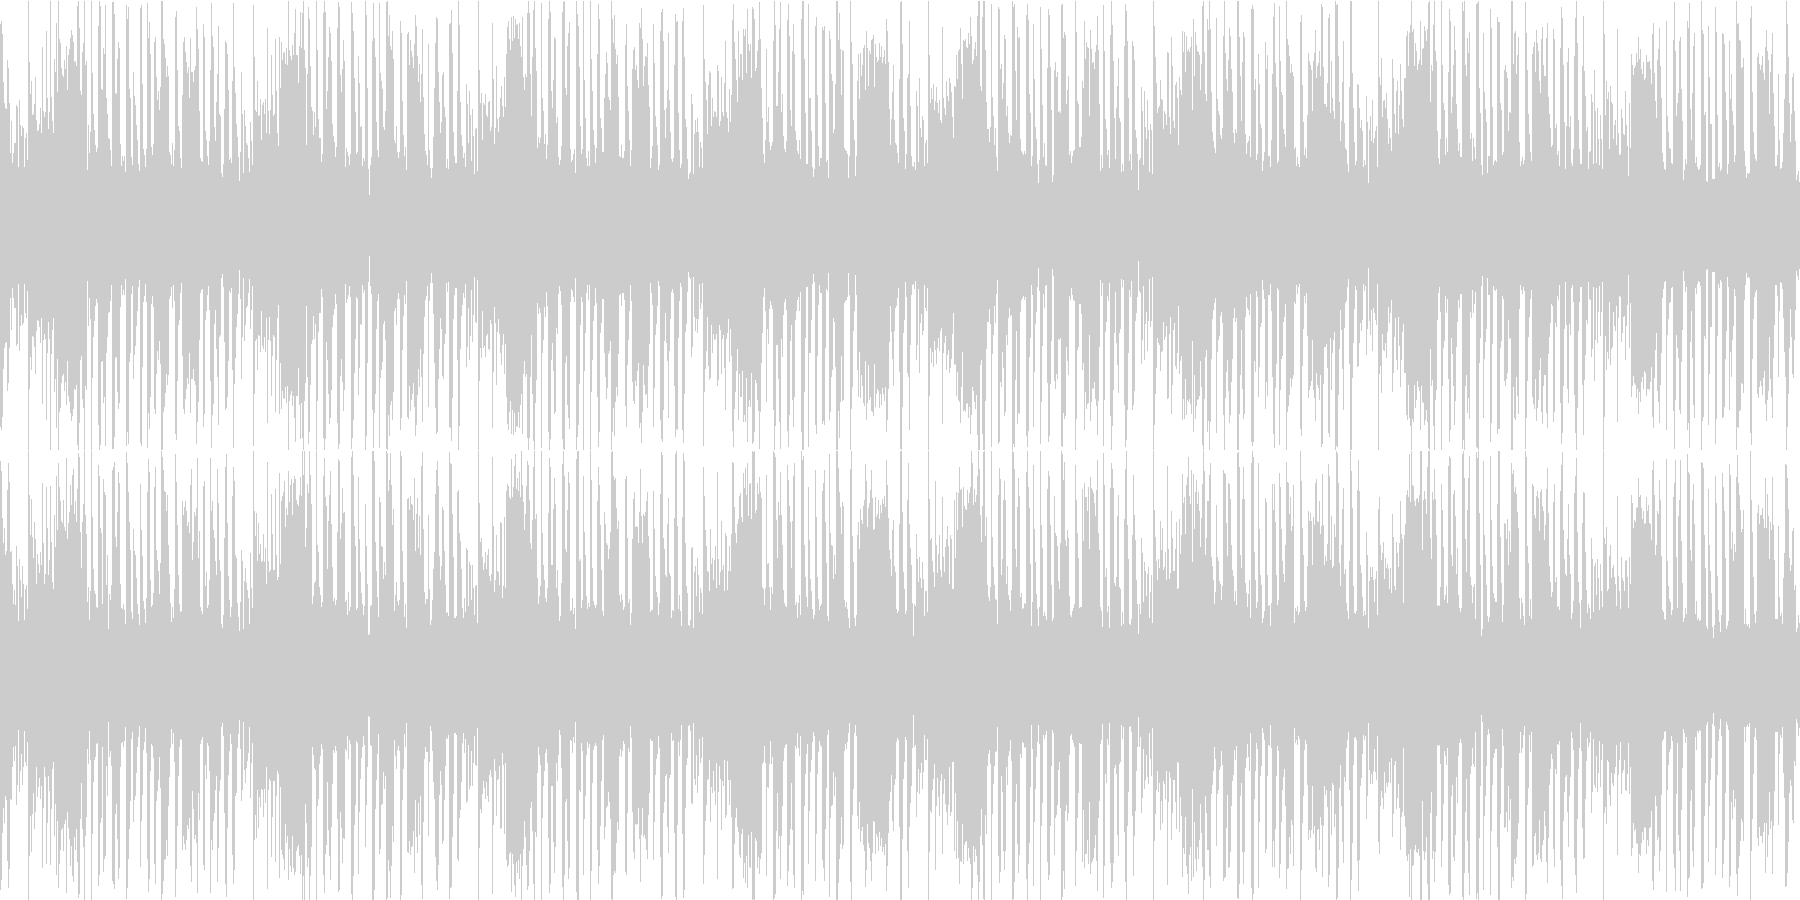 潜水っぽい音が特徴のループ。の未再生の波形